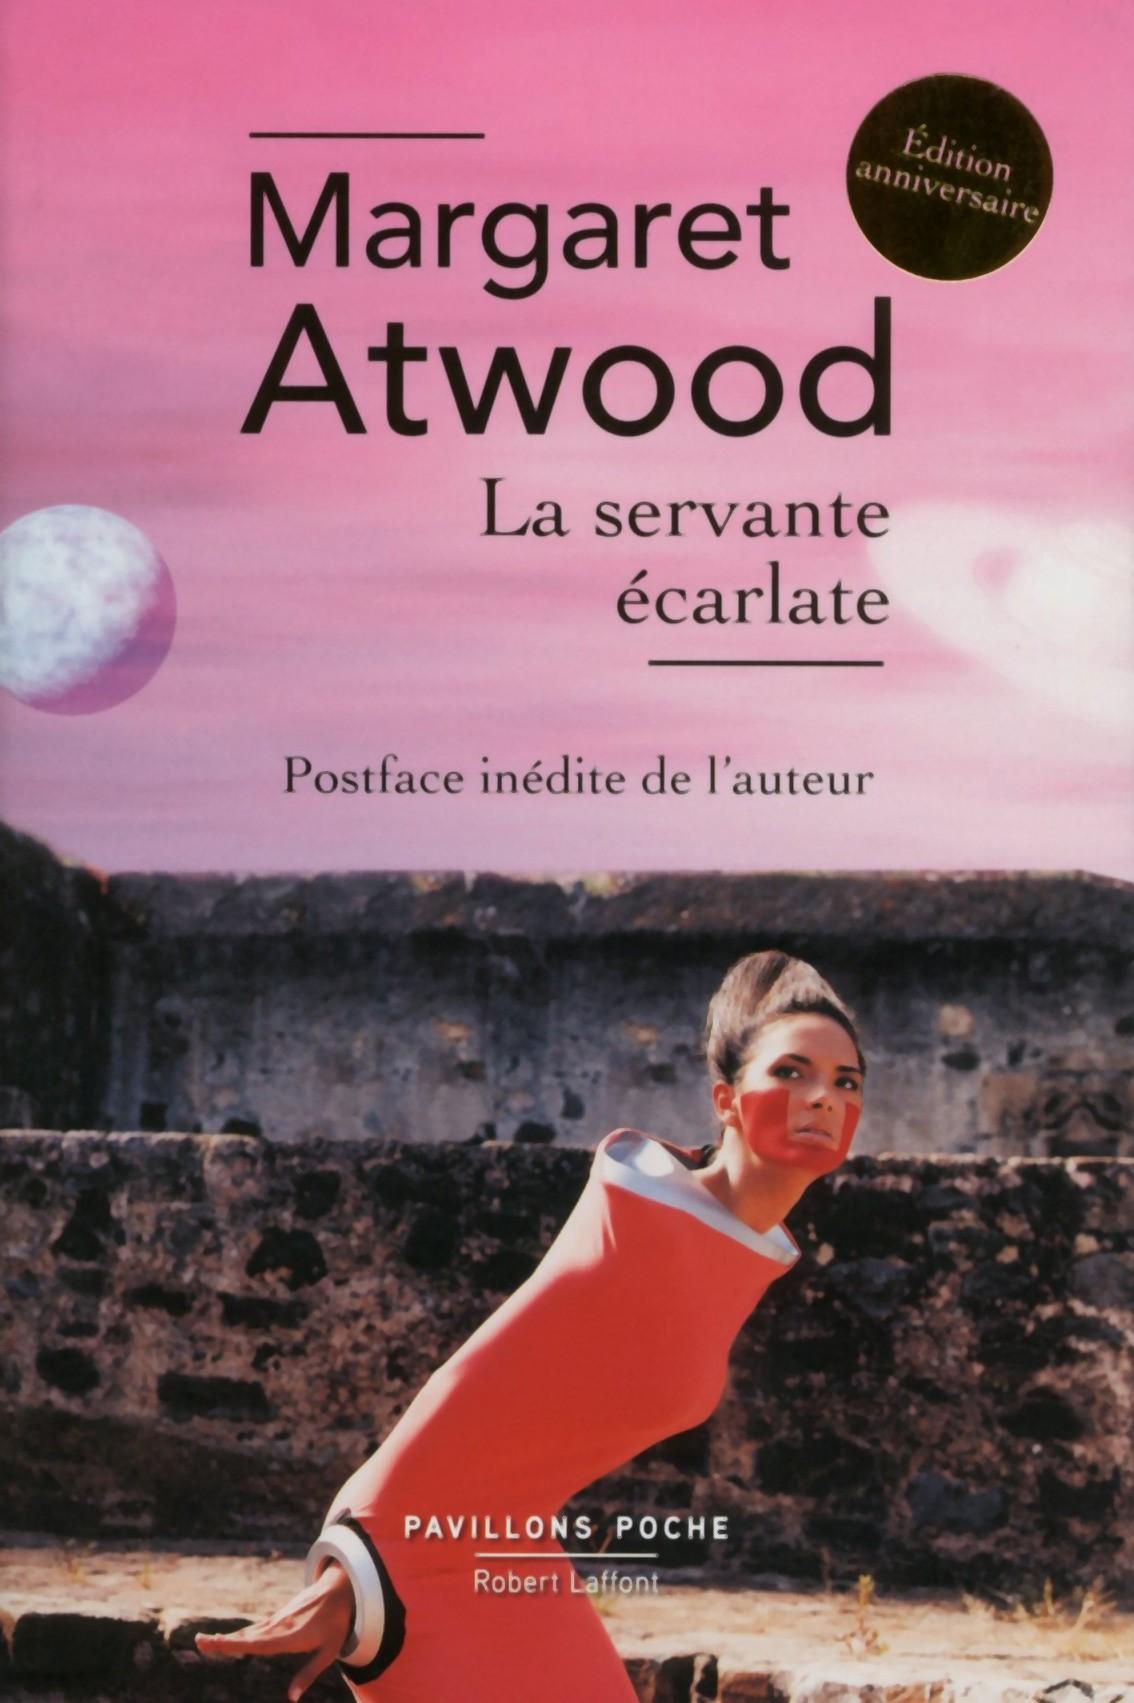 La servante écarlate – un classique de Margaret Atwood